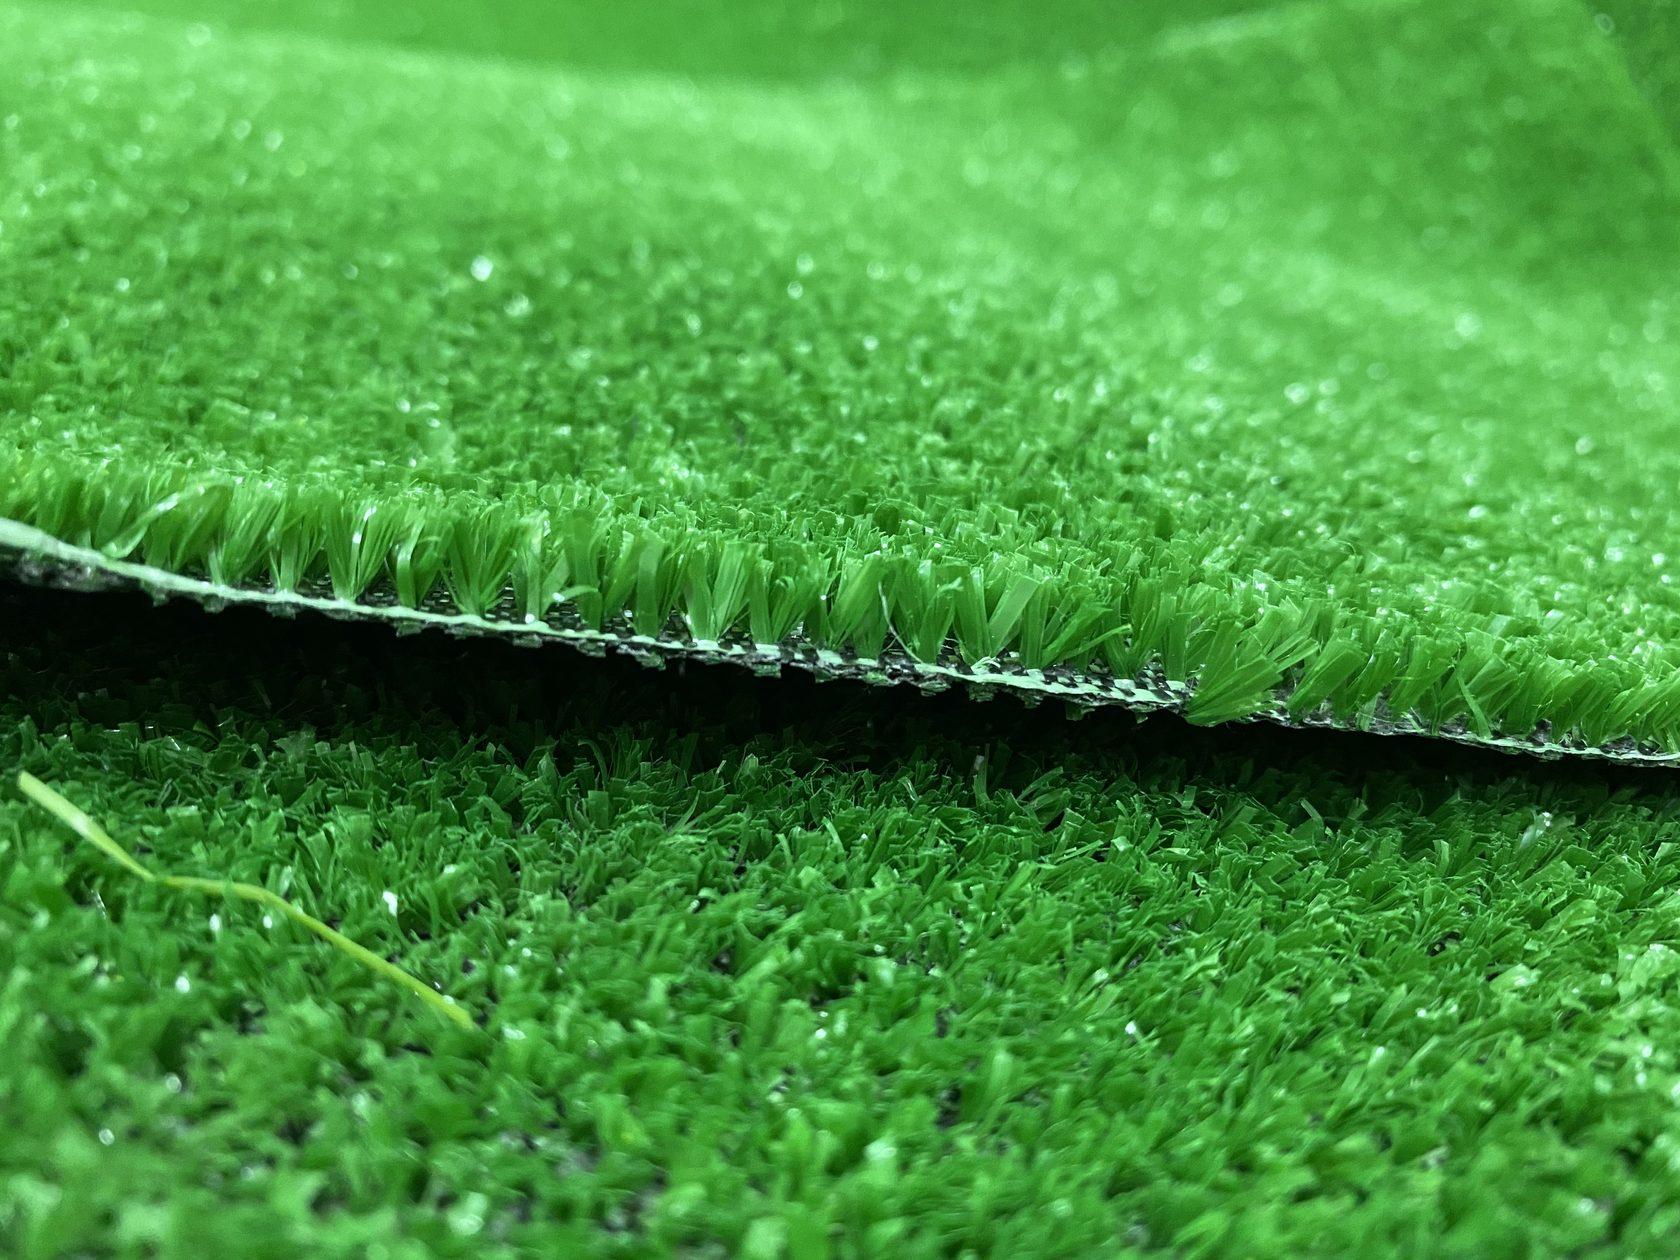 """Искусственная трава """"Фантастика"""" 5-6 мм высота ворса"""